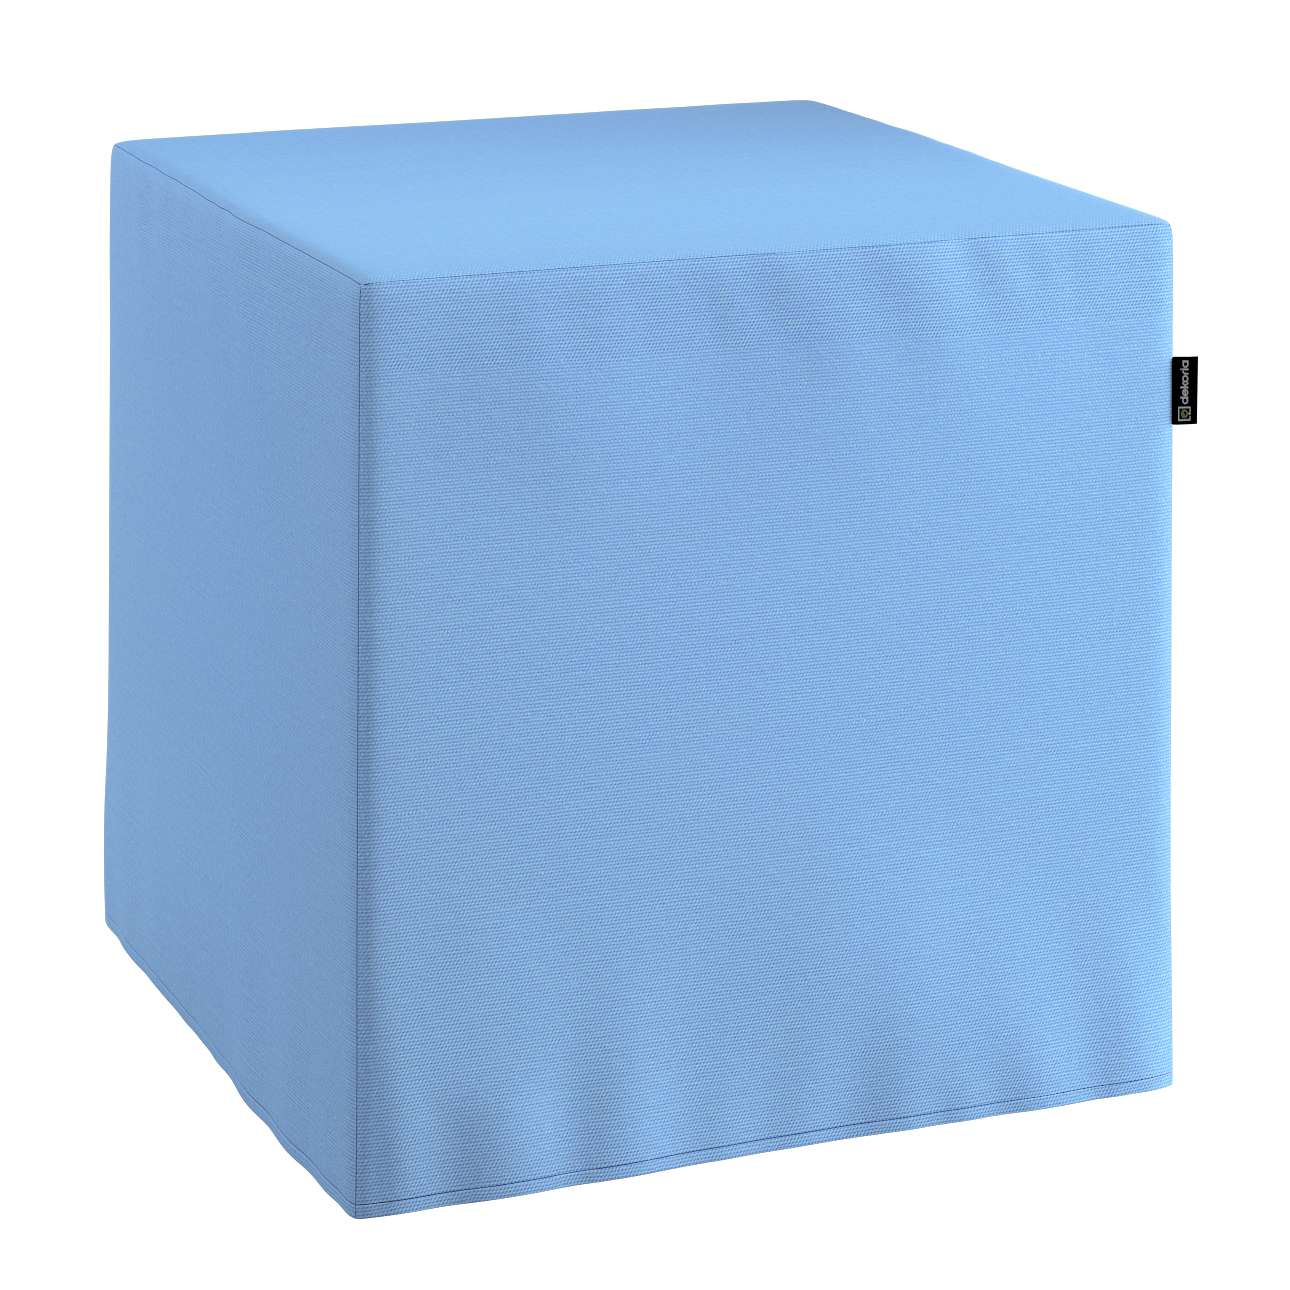 Bezug für Sitzwürfel Bezug für Sitzwürfel 40x40x40 cm von der Kollektion Loneta, Stoff: 133-21